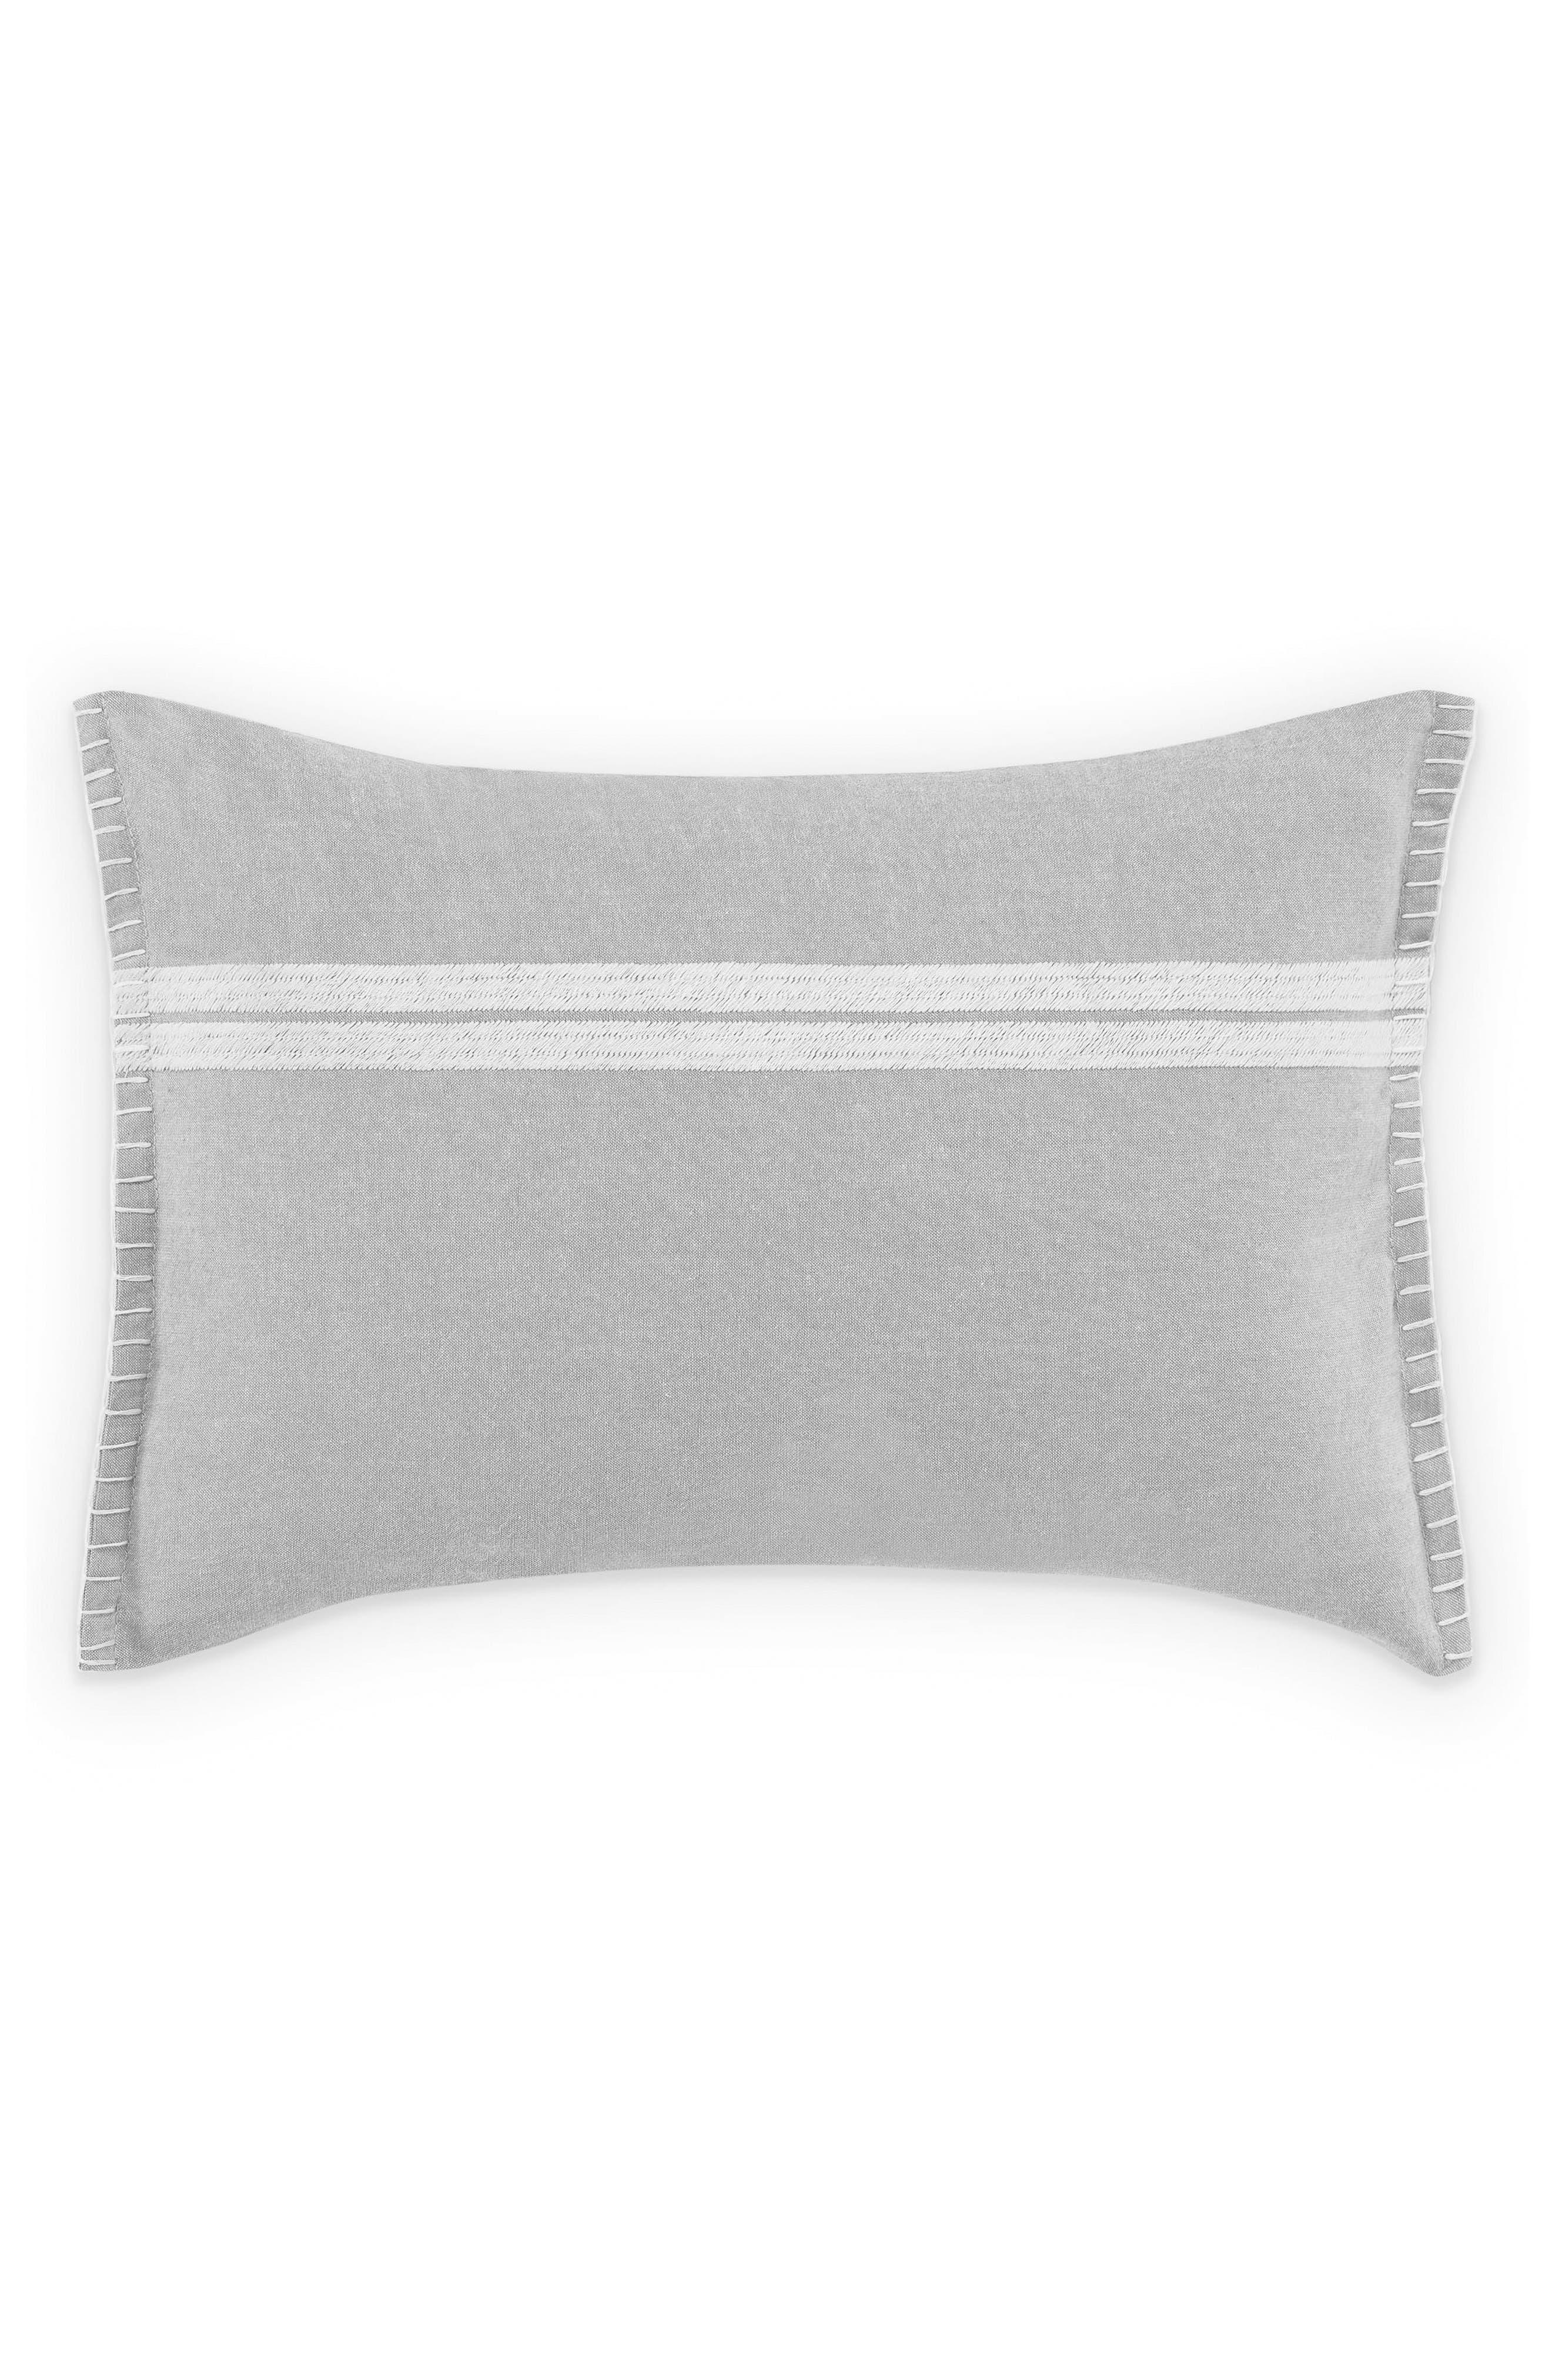 ED ELLEN DEGENERES Claremont Stripe Accent Pillow, Main, color, PASTEL GREY